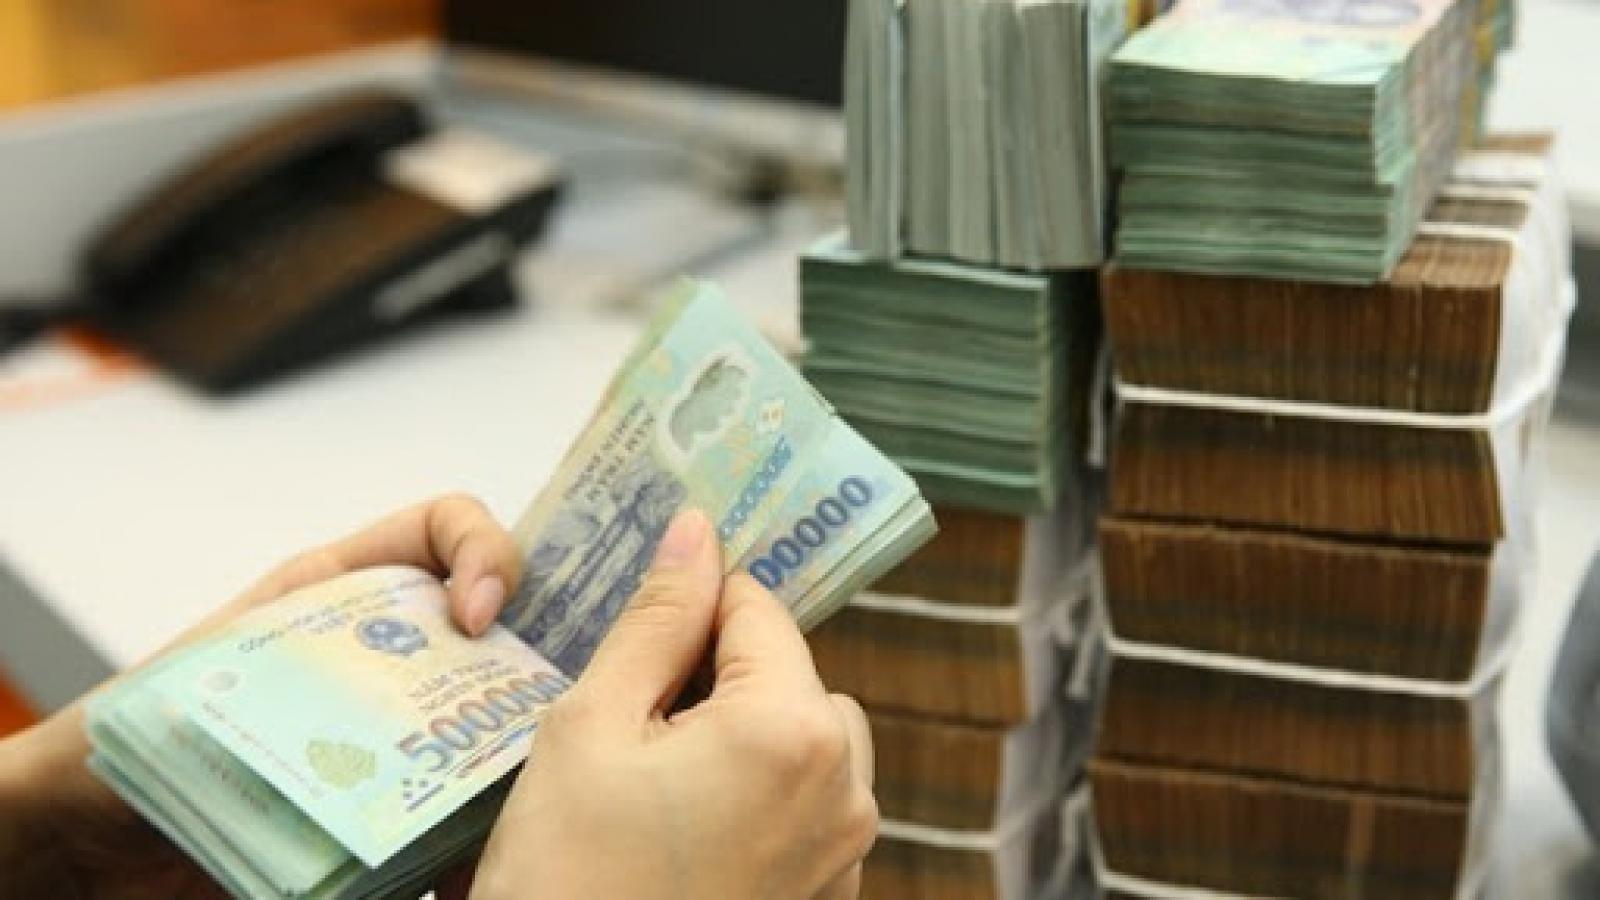 Đề xuất tạm dừng đóng tiền quỹ hưu trí, tử tuất cho hơn 1 triệu lao động, 39.000 DN